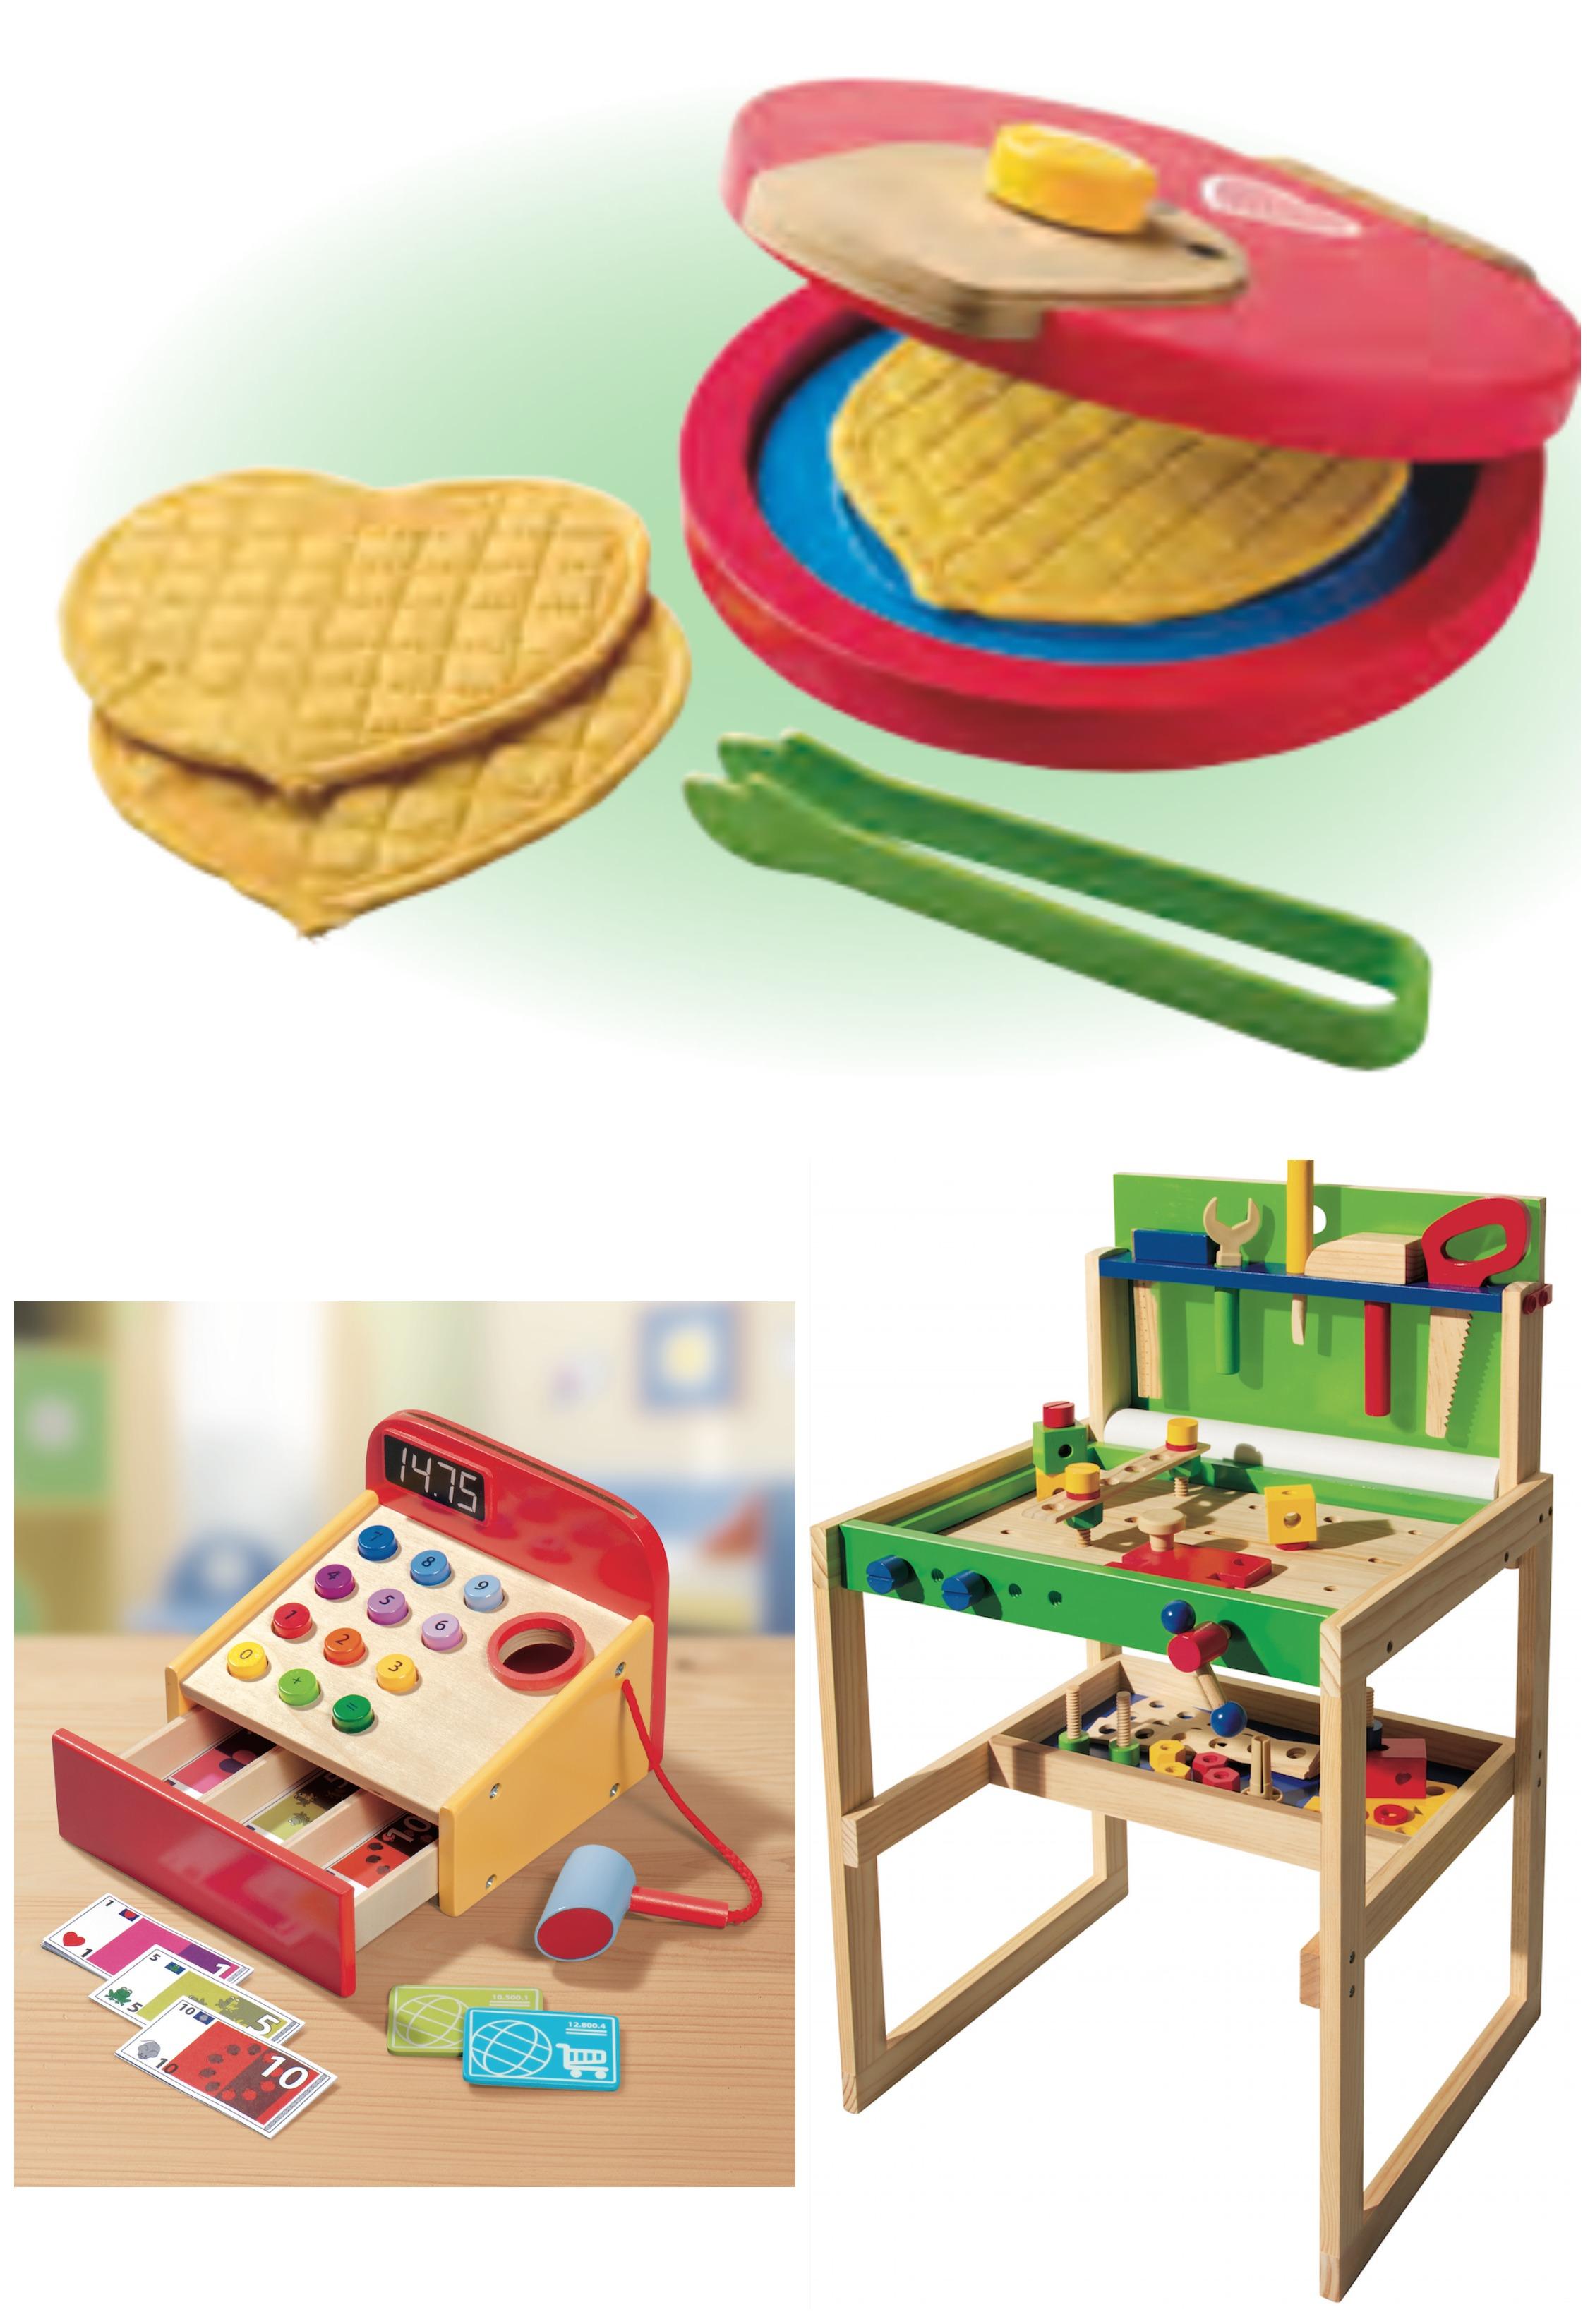 Cuisine jouet bois lidl for Cuisine en bois lidl